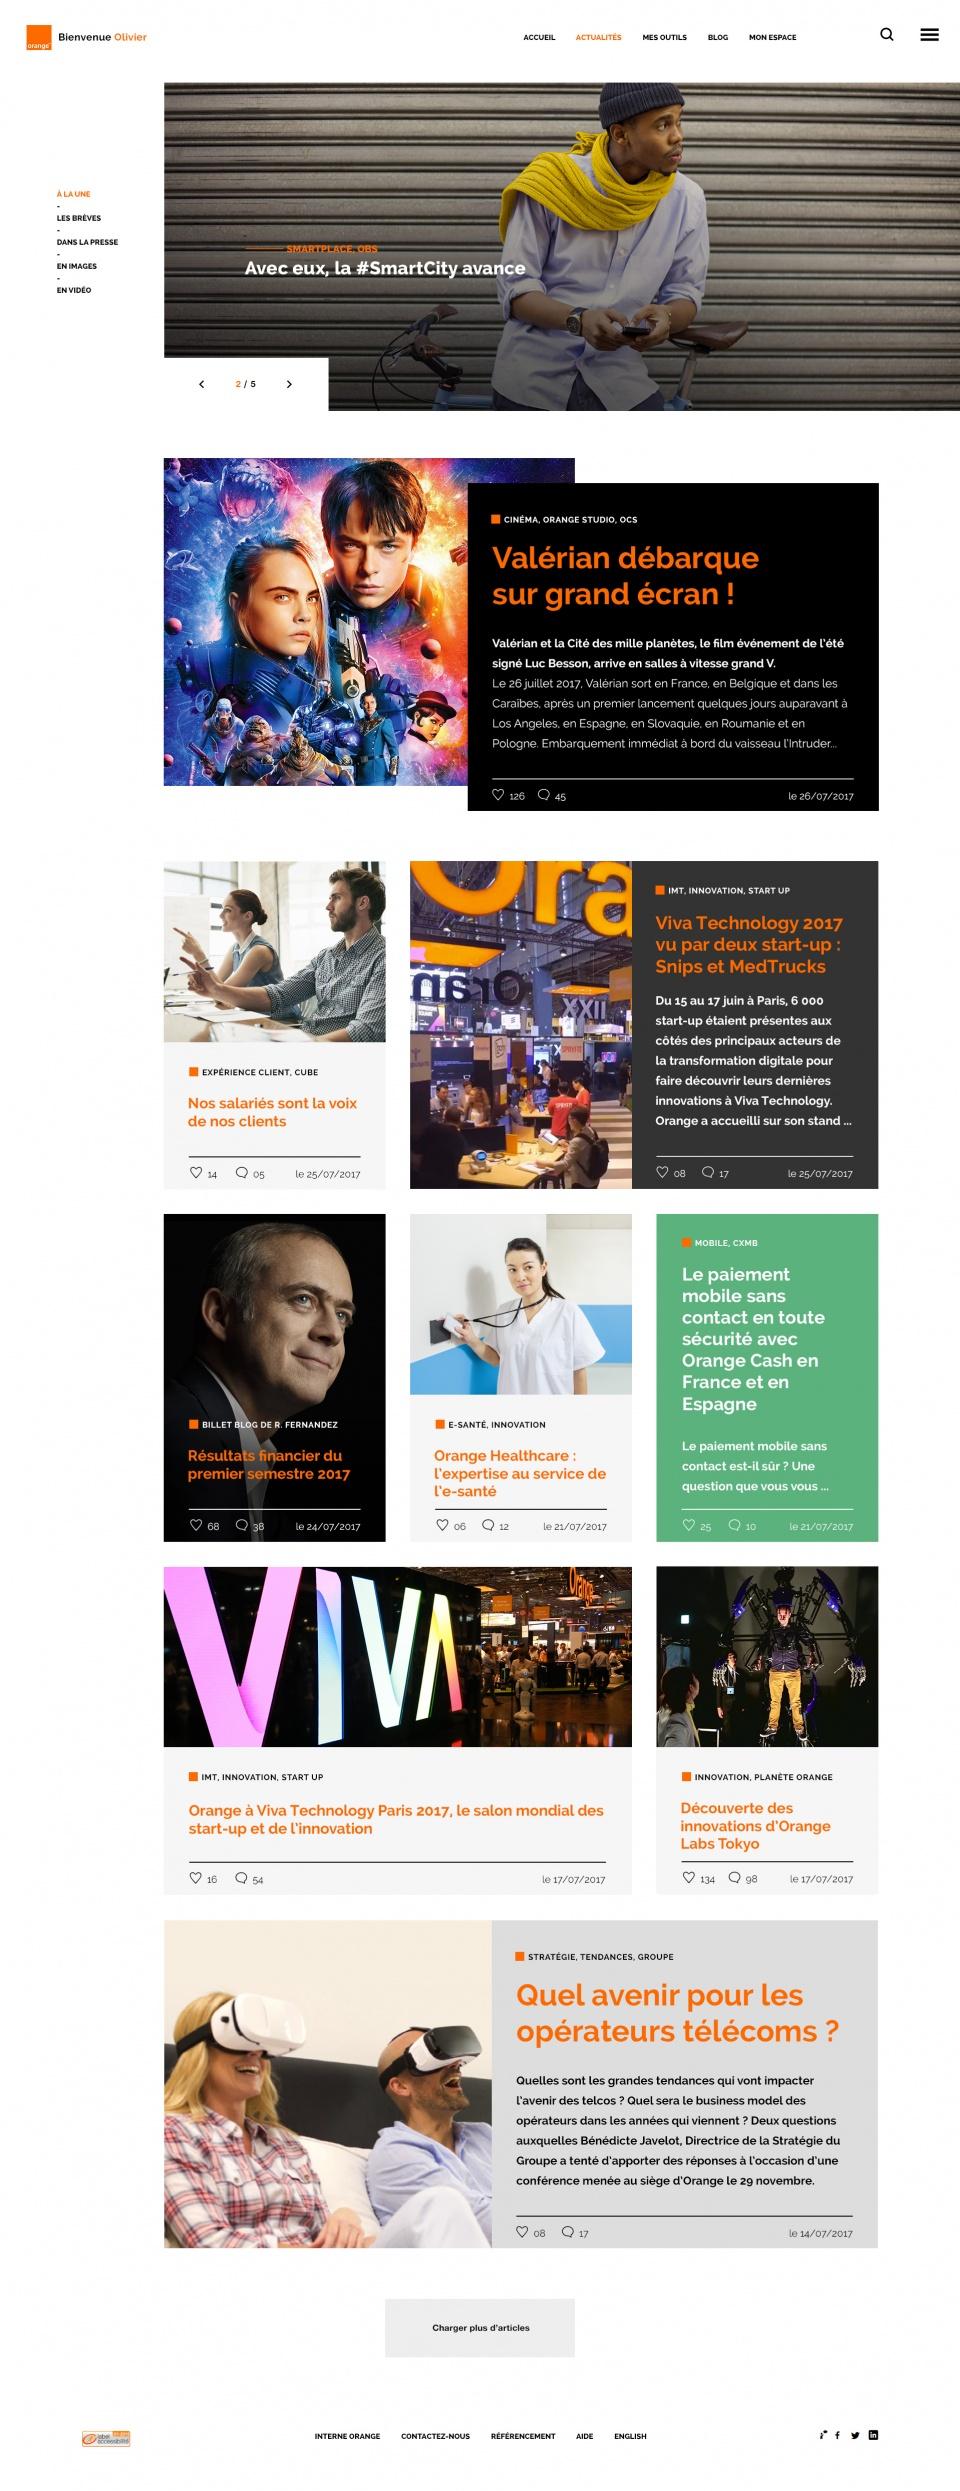 Hub Articles